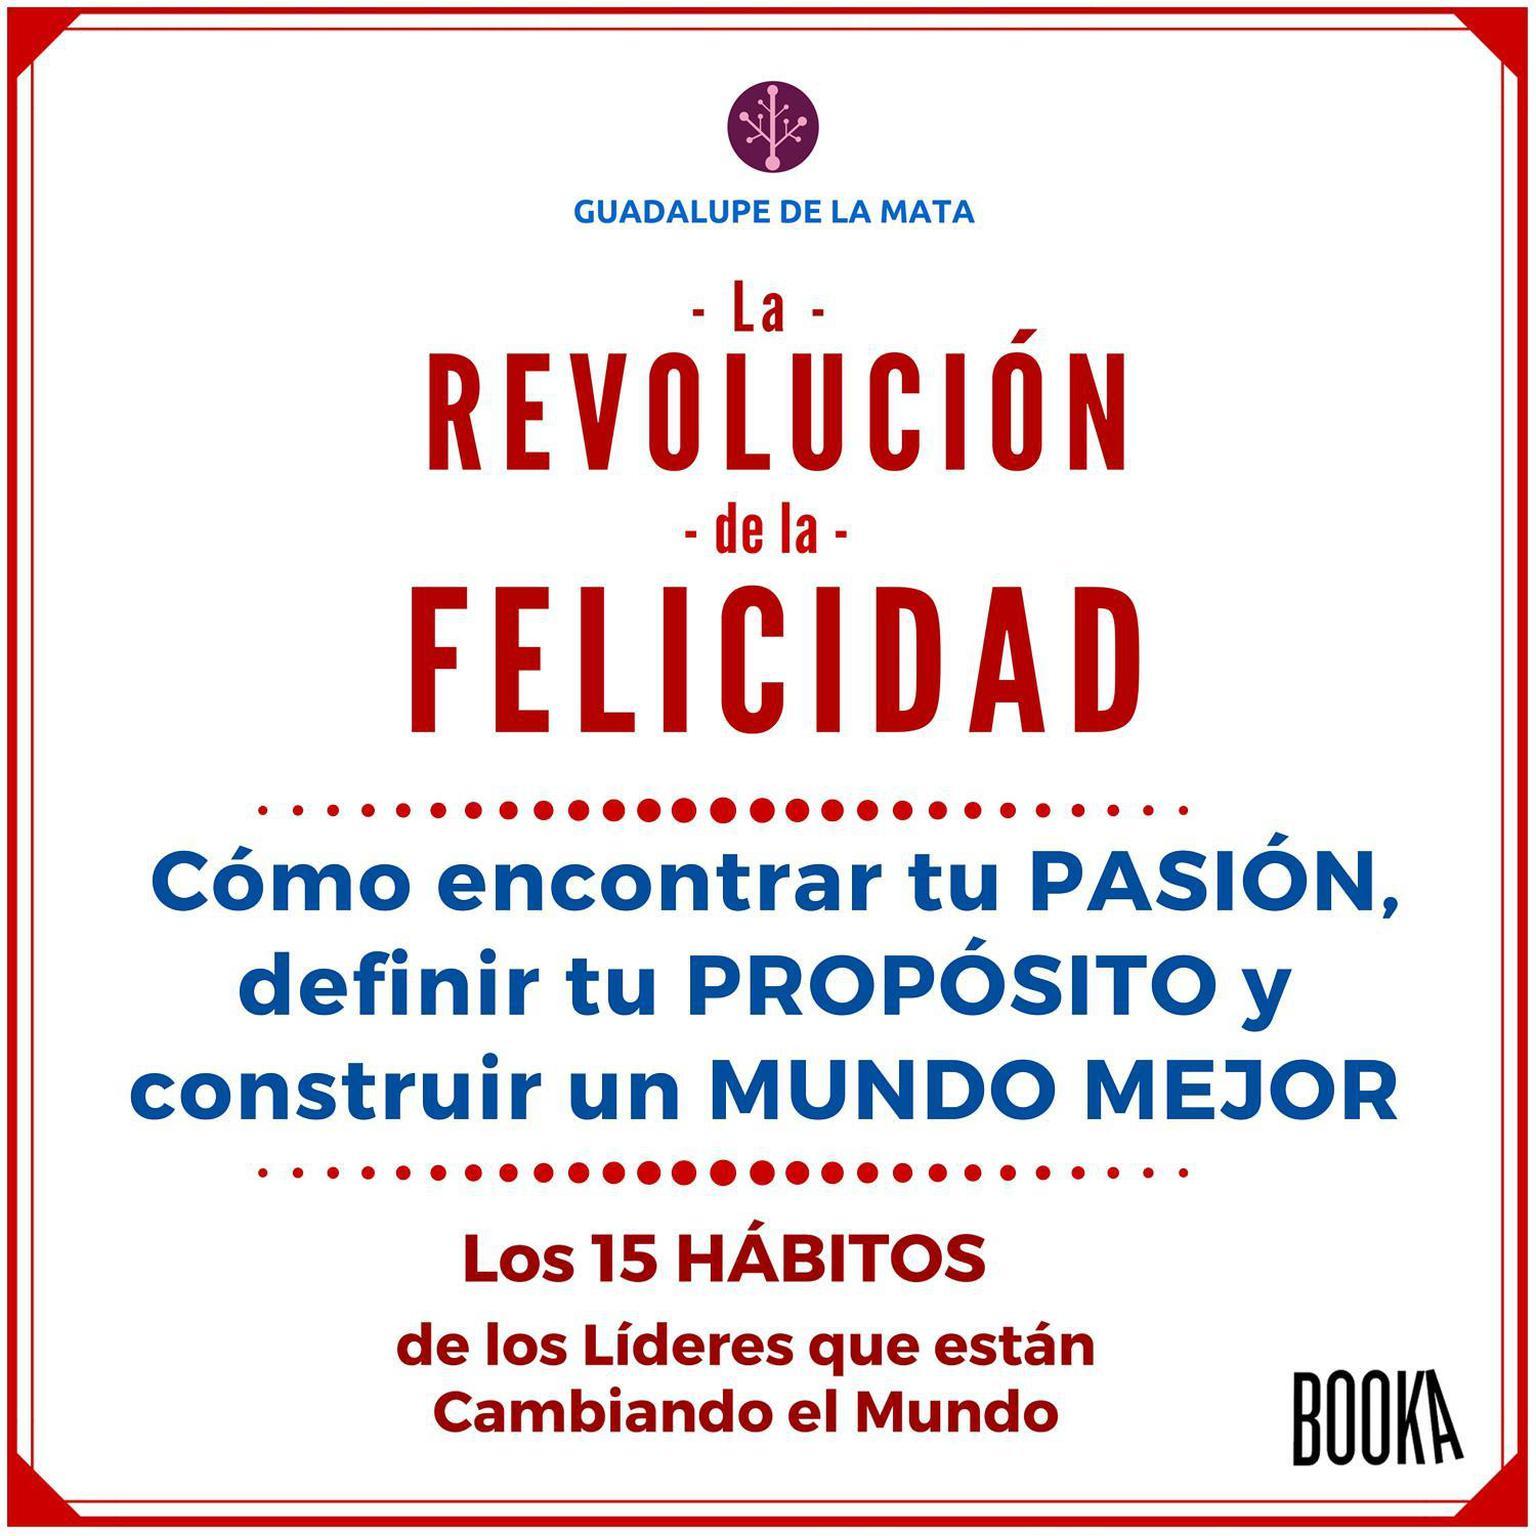 La Revolucion de la Felicidad Audiobook, by Guadalupe De La Mata